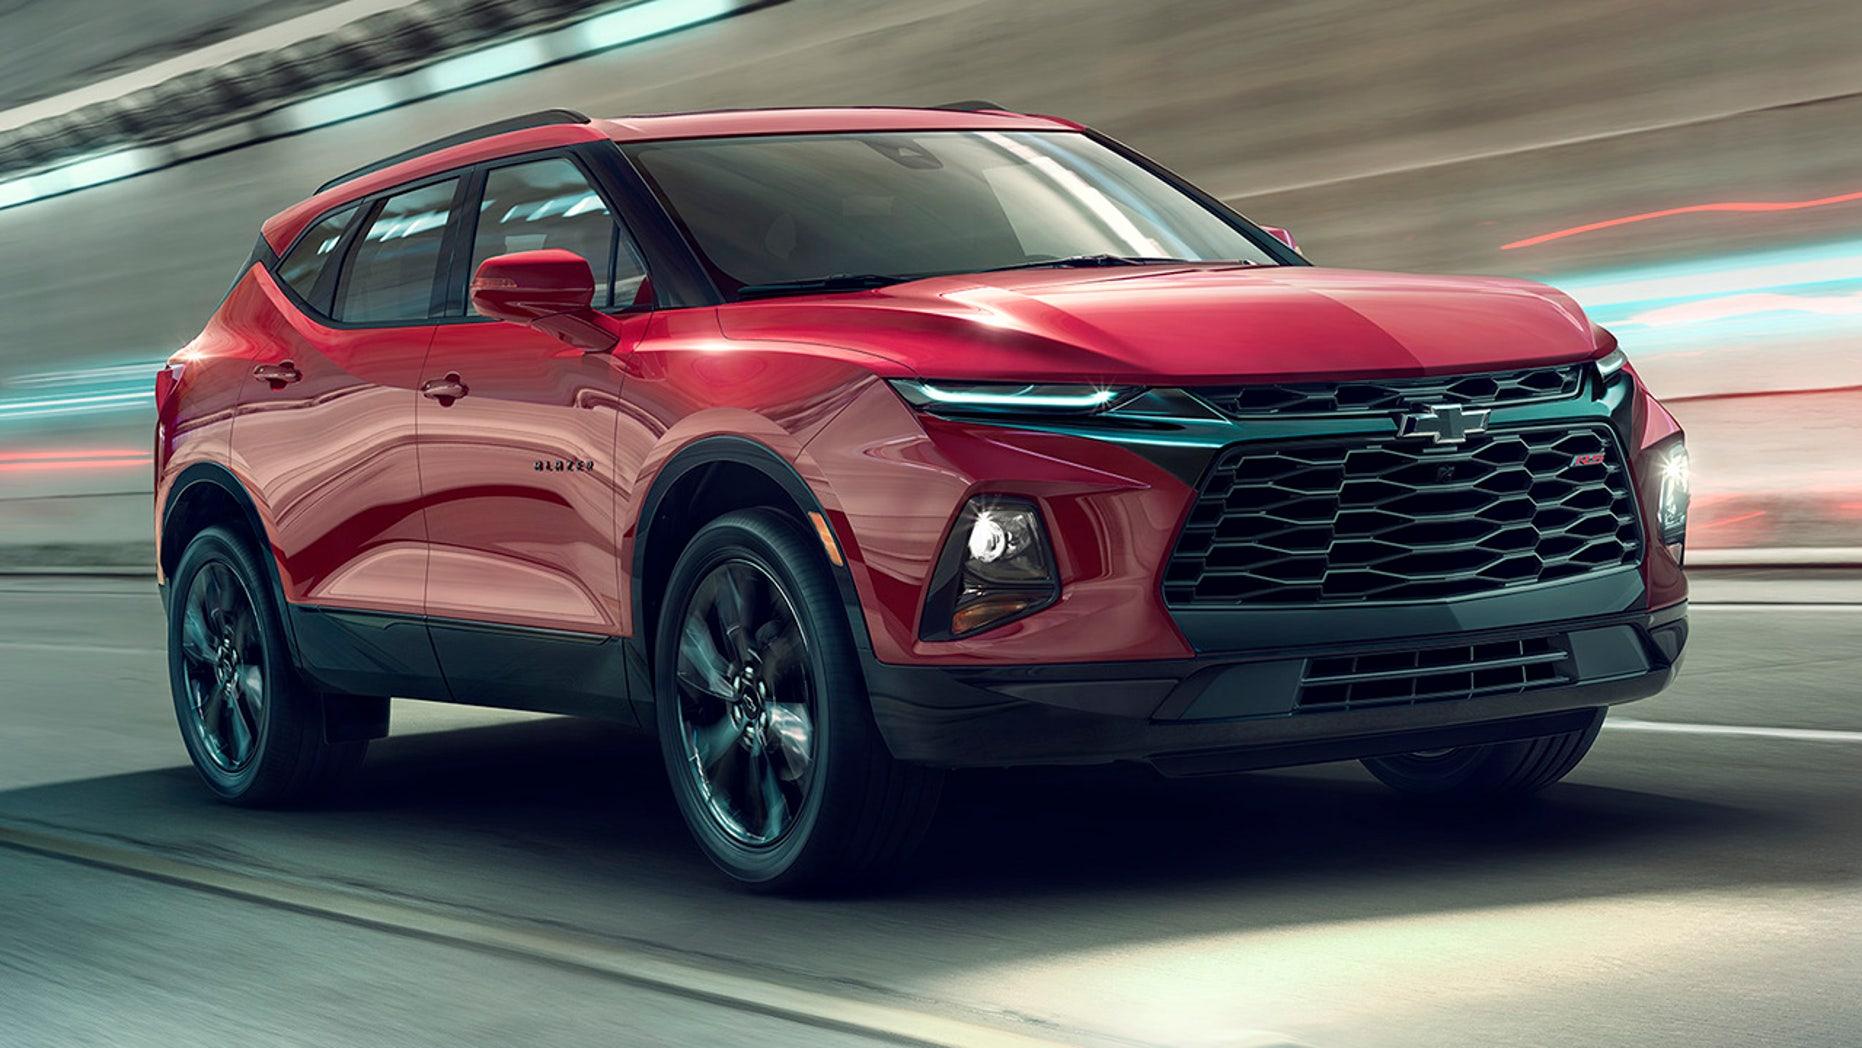 2018 Chevy Blazer >> Chevrolet Blazer rebooted as crossover SUV | Fox News